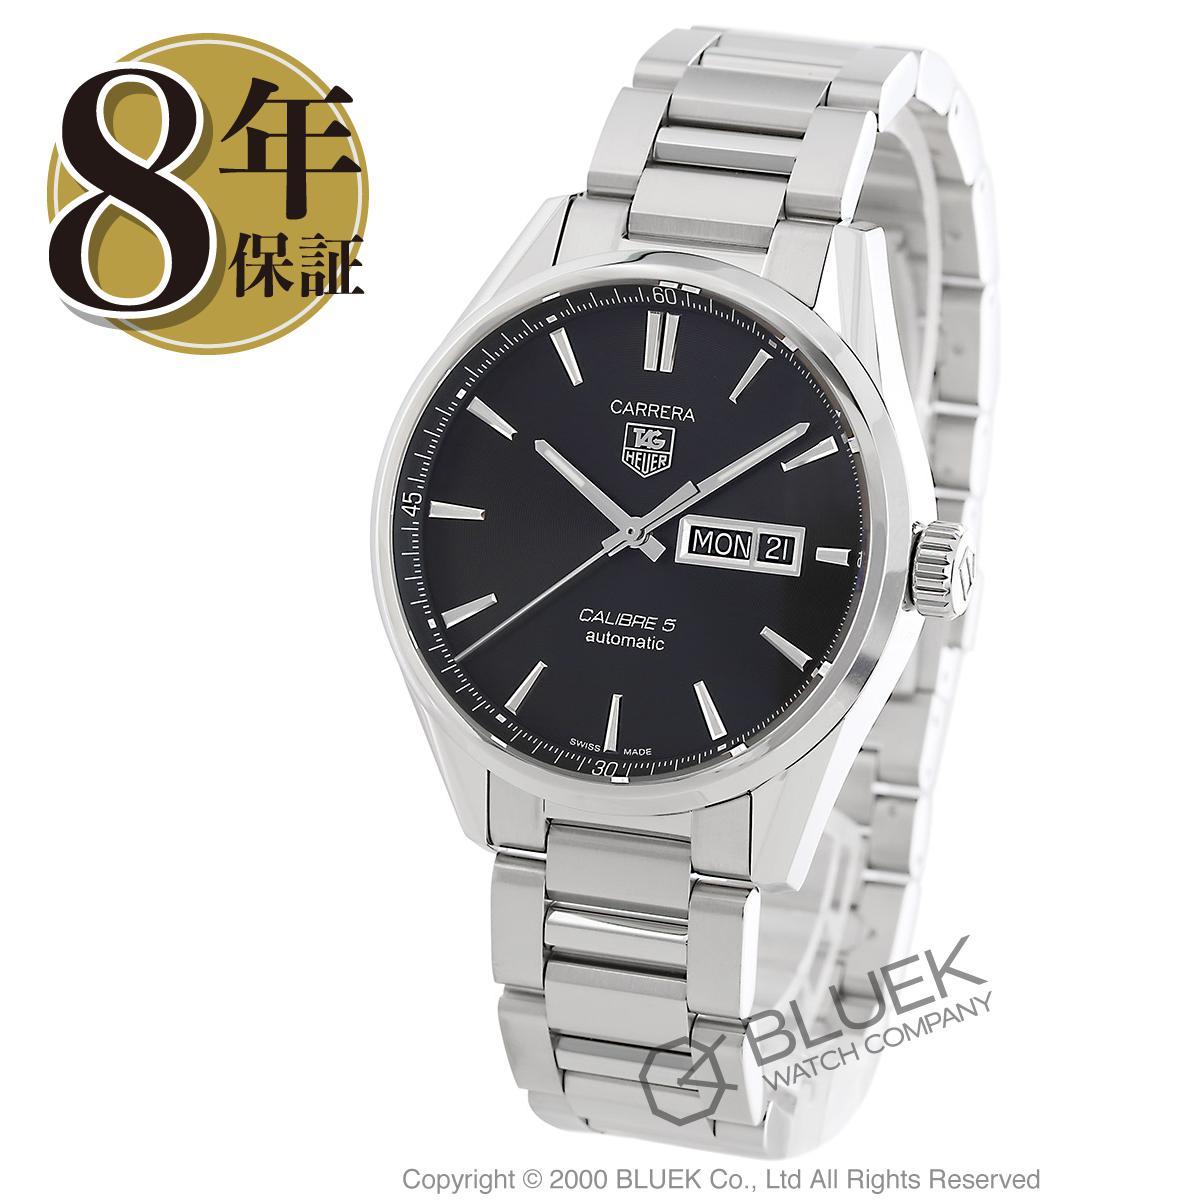 【6,000円OFFクーポン対象】タグホイヤー カレラ 腕時計 メンズ TAG Heuer WAR201A.BA0723_8